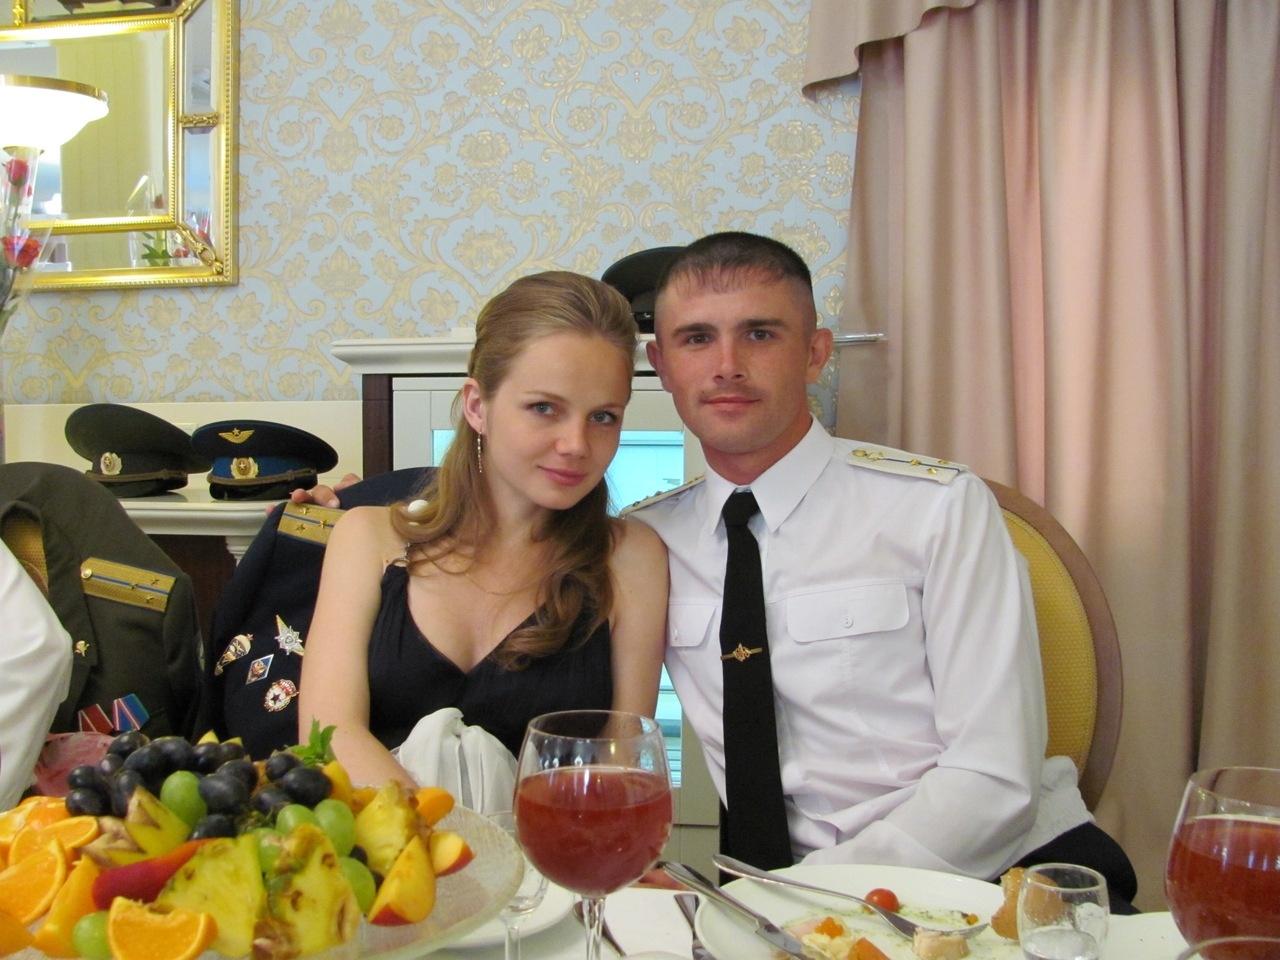 Наталья и Антон Короленко. Фото: Наталья Короленко / ВКонтакте